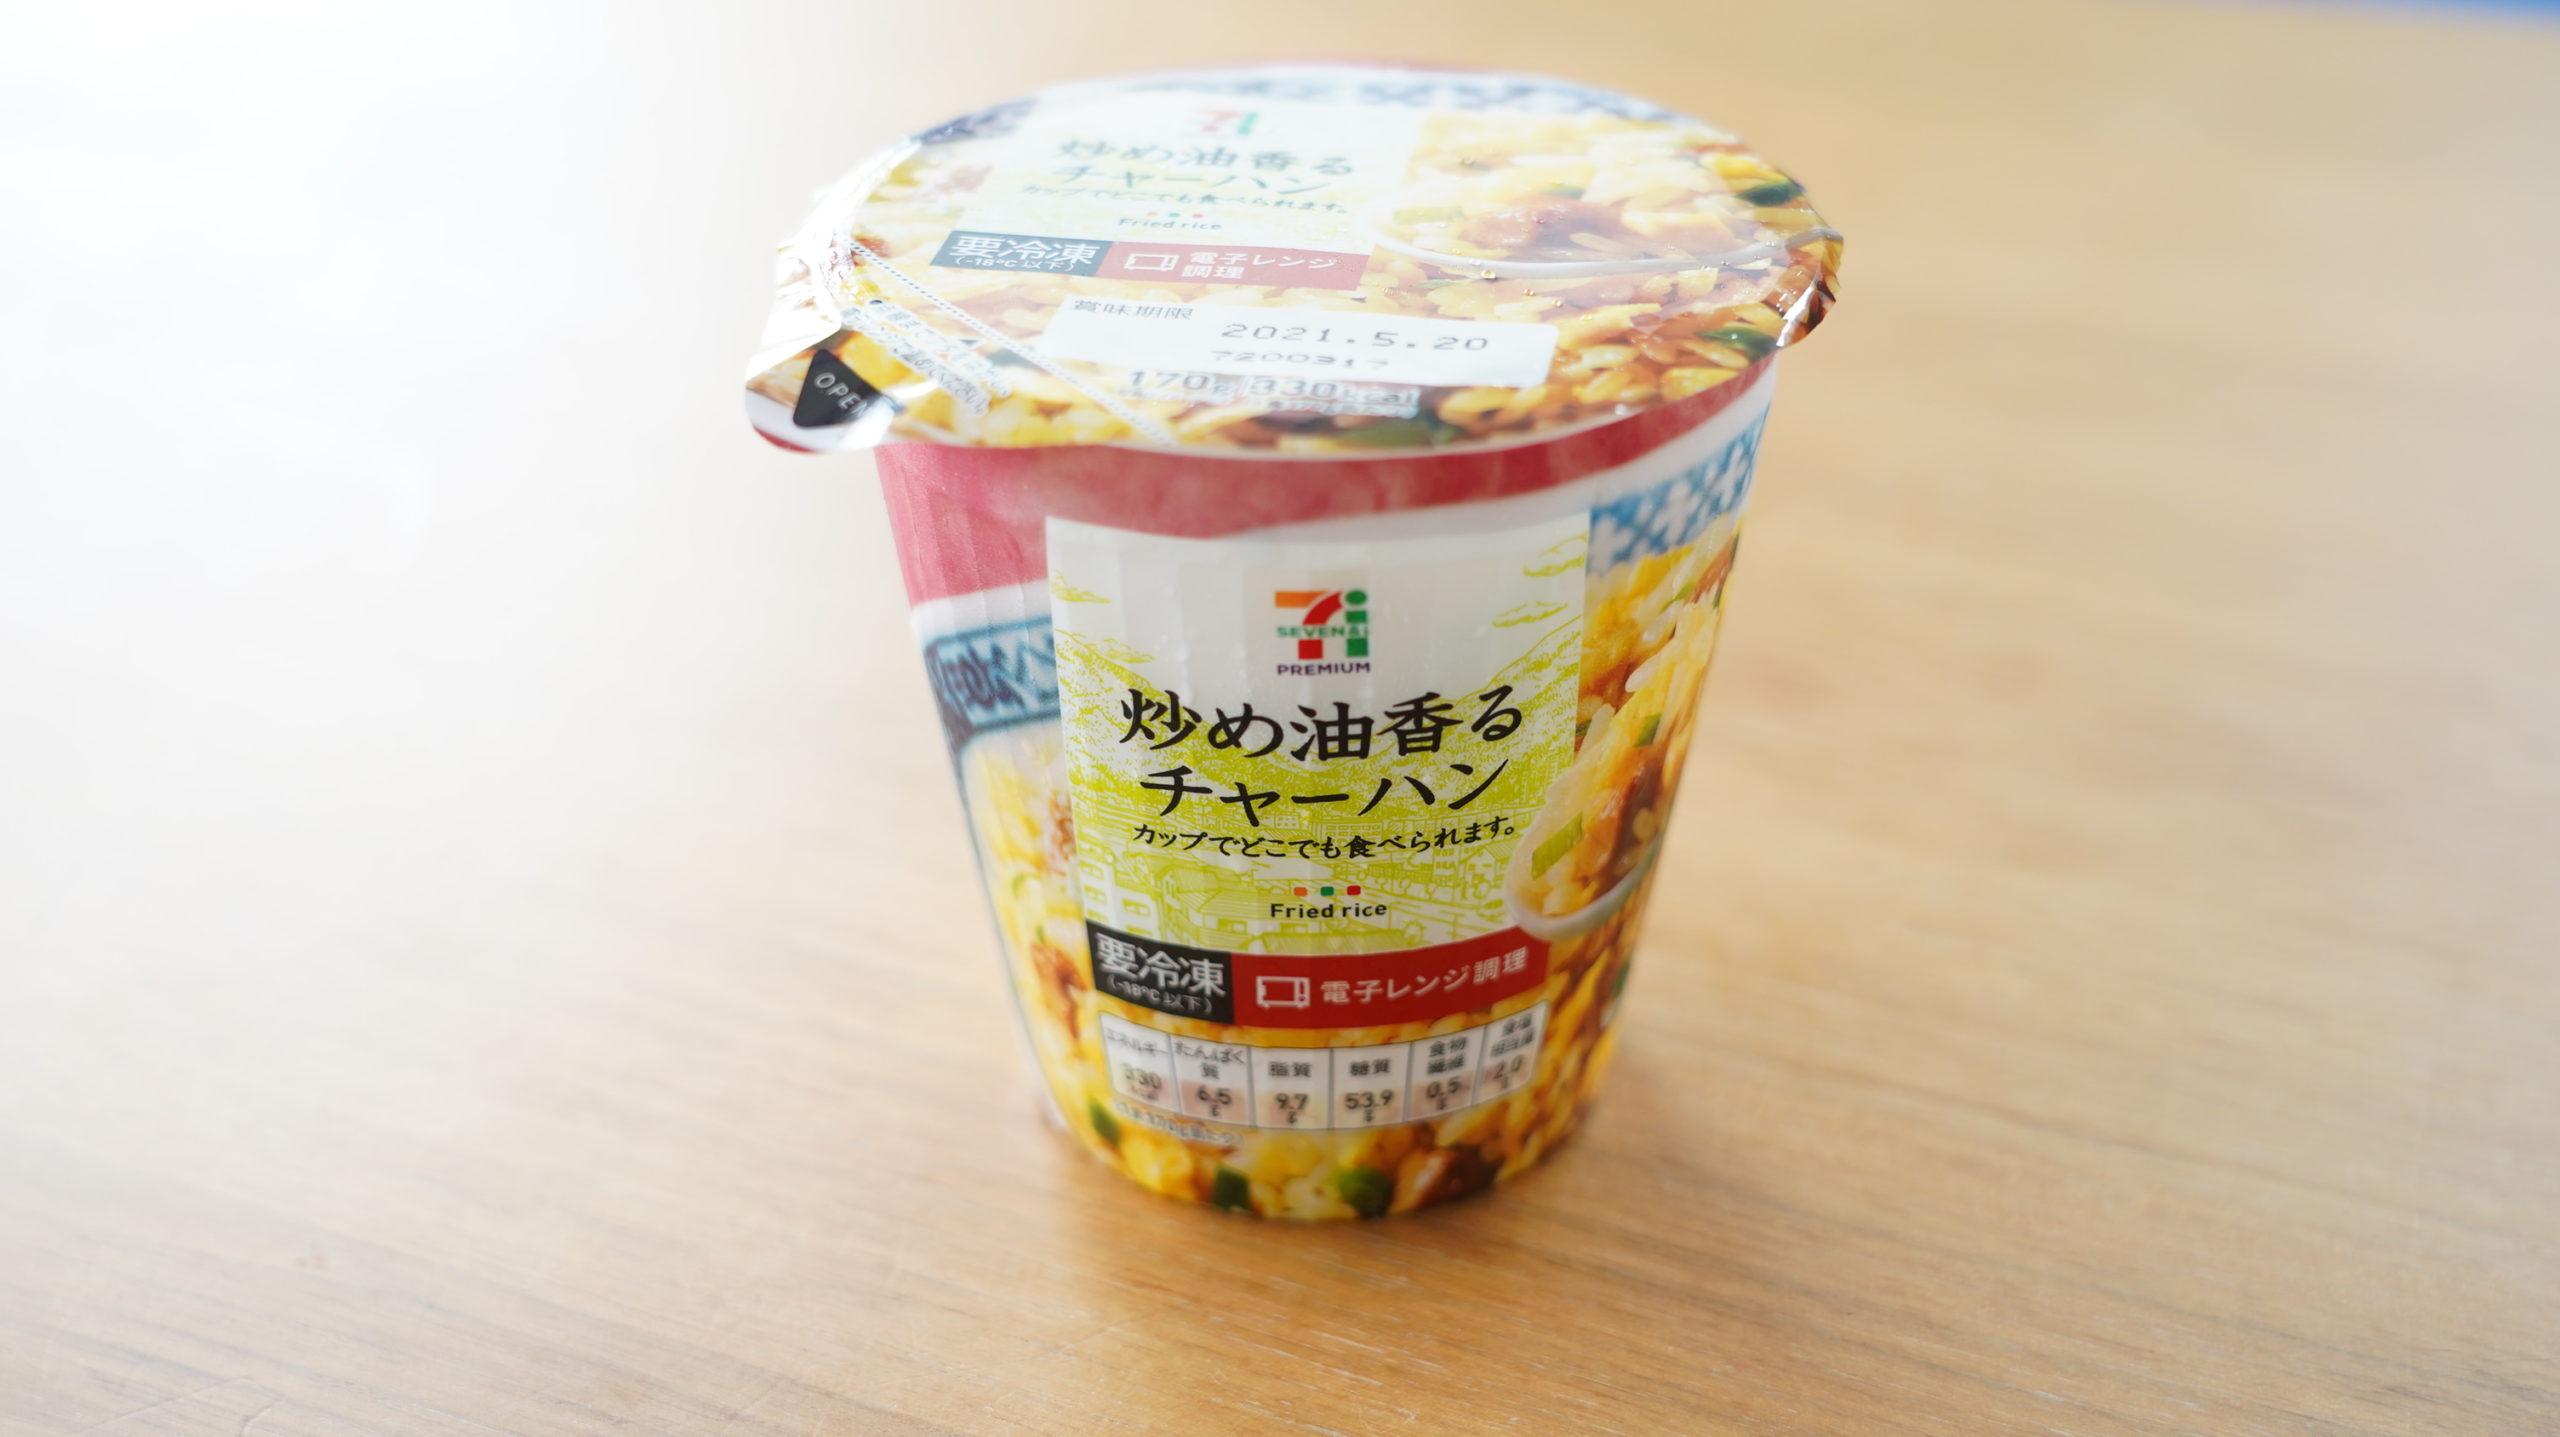 セブンイレブンのおすすめ冷凍食品「炒め油香るチャーハン」のカップの写真